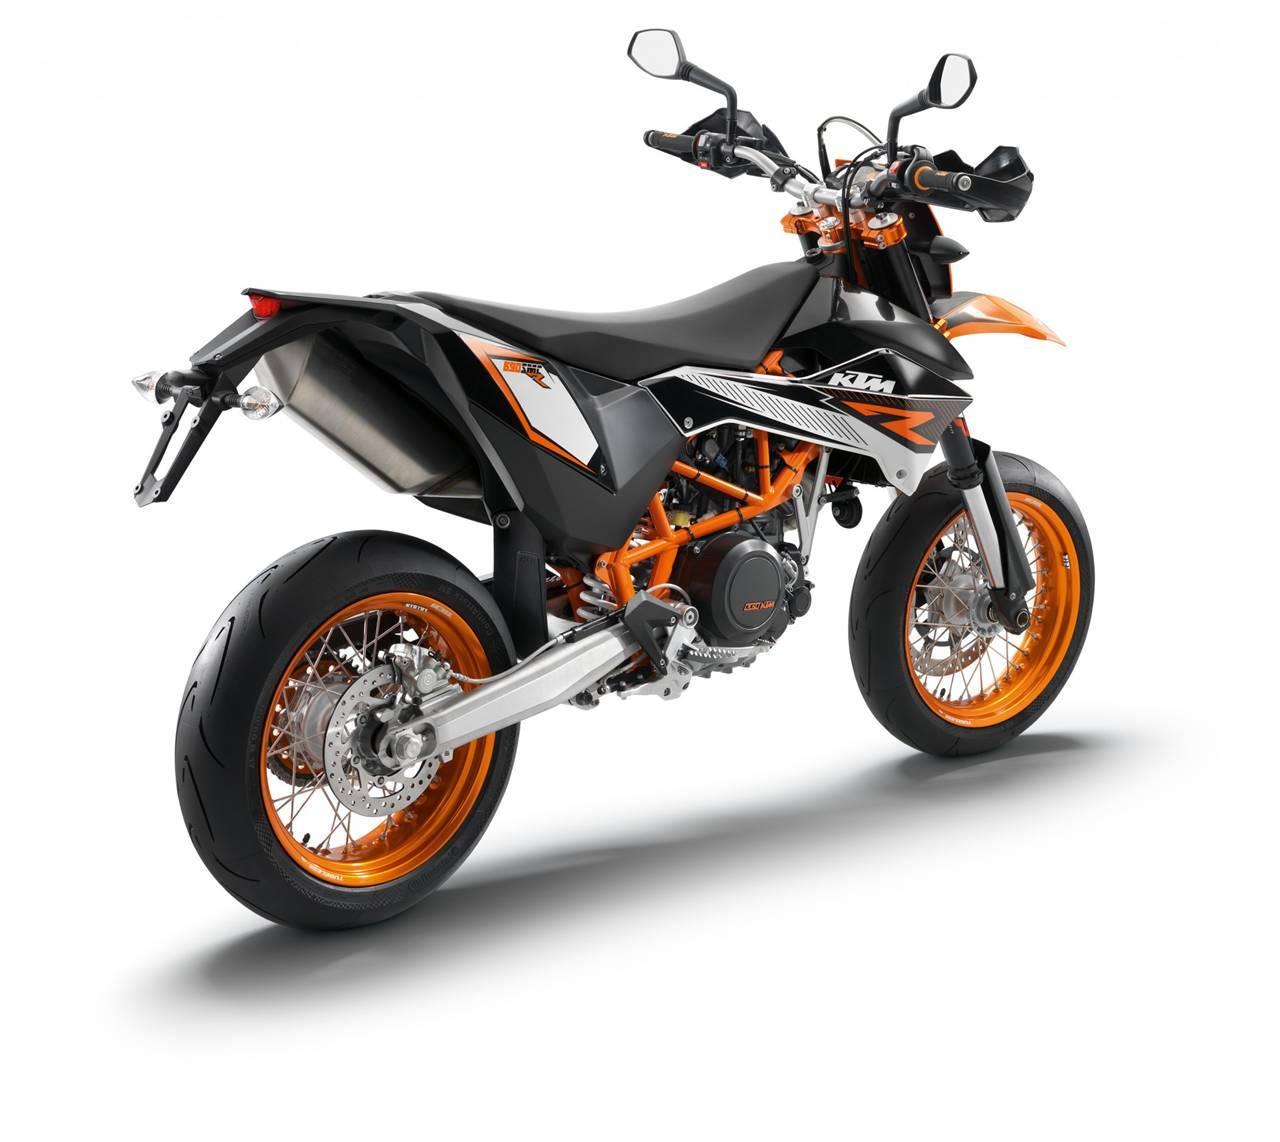 Foto de Resto de novedades de KTM presentada en el Salón de Milán 2011 (13/25)